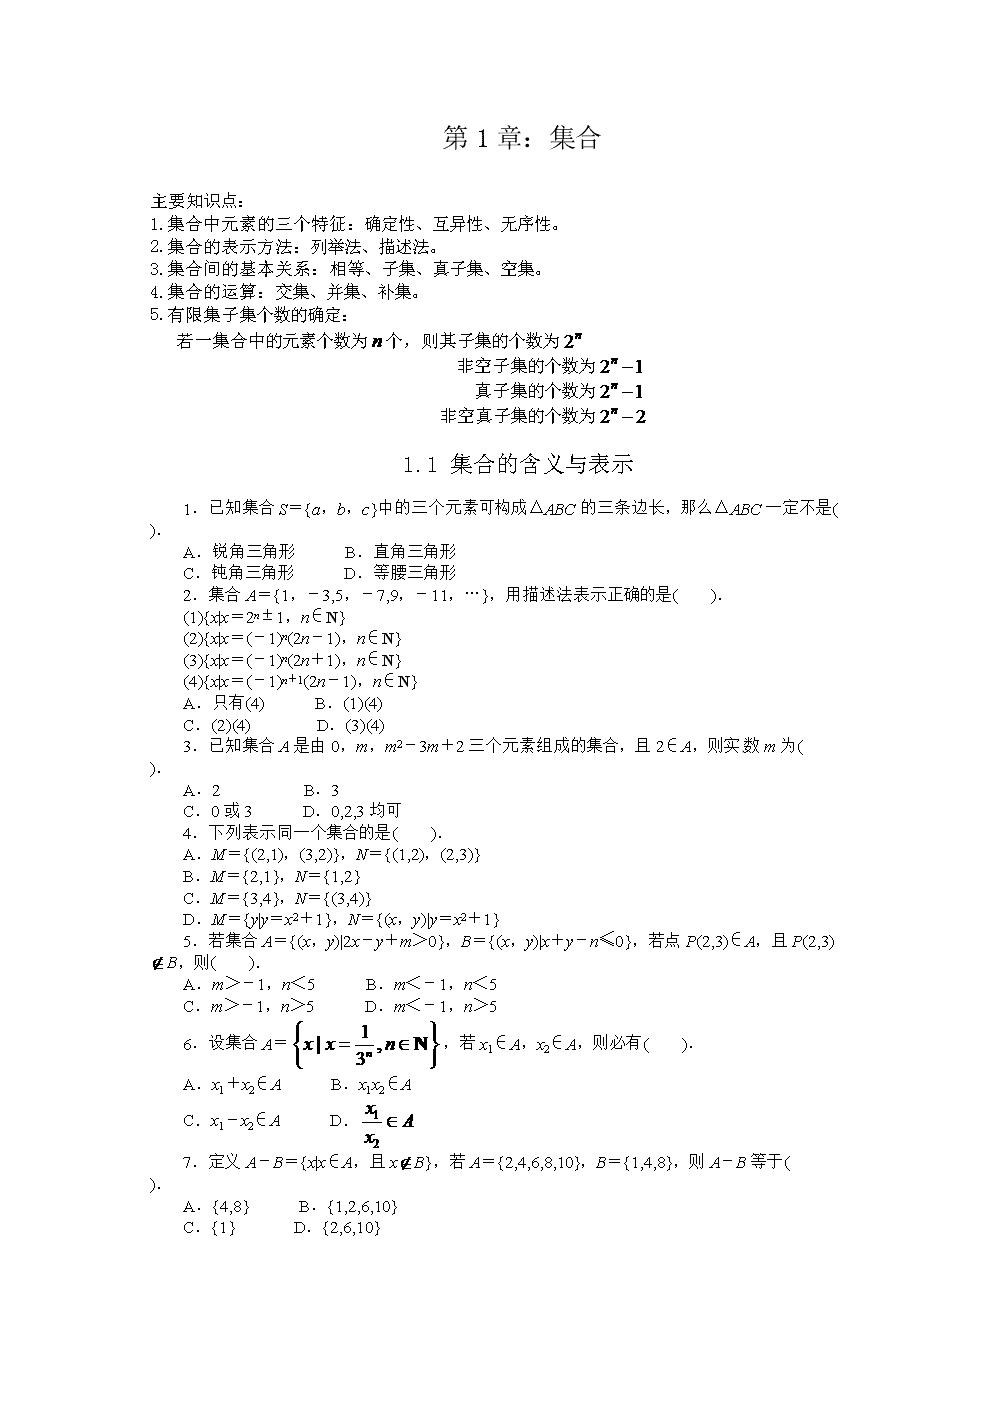 高中数学必修一北师大版第一、二章主要知识点及同步练习题.doc